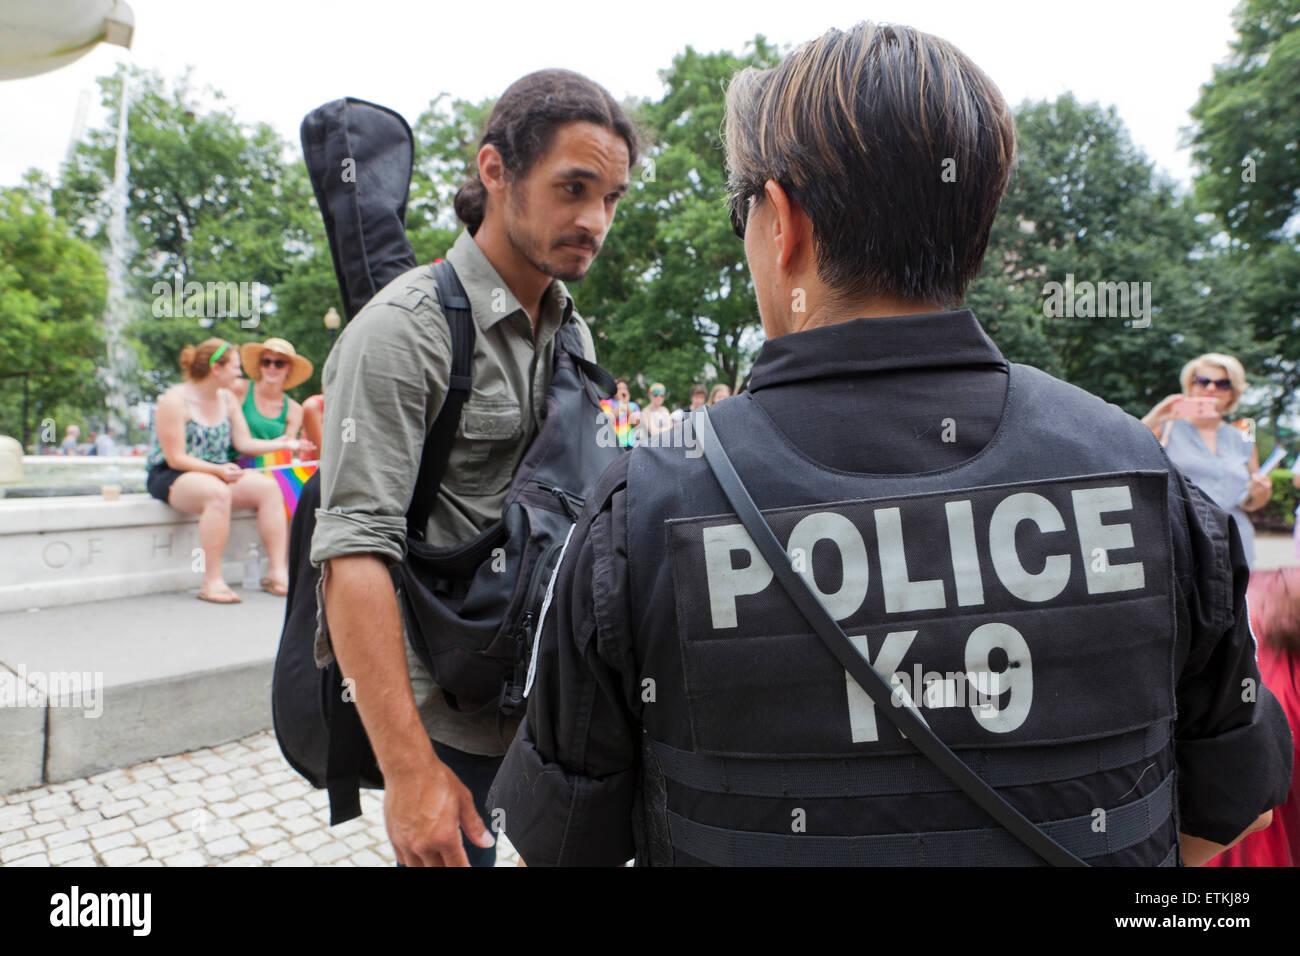 K-9 Polizei im Gespräch mit Bürger - Washington, DC USA Stockbild